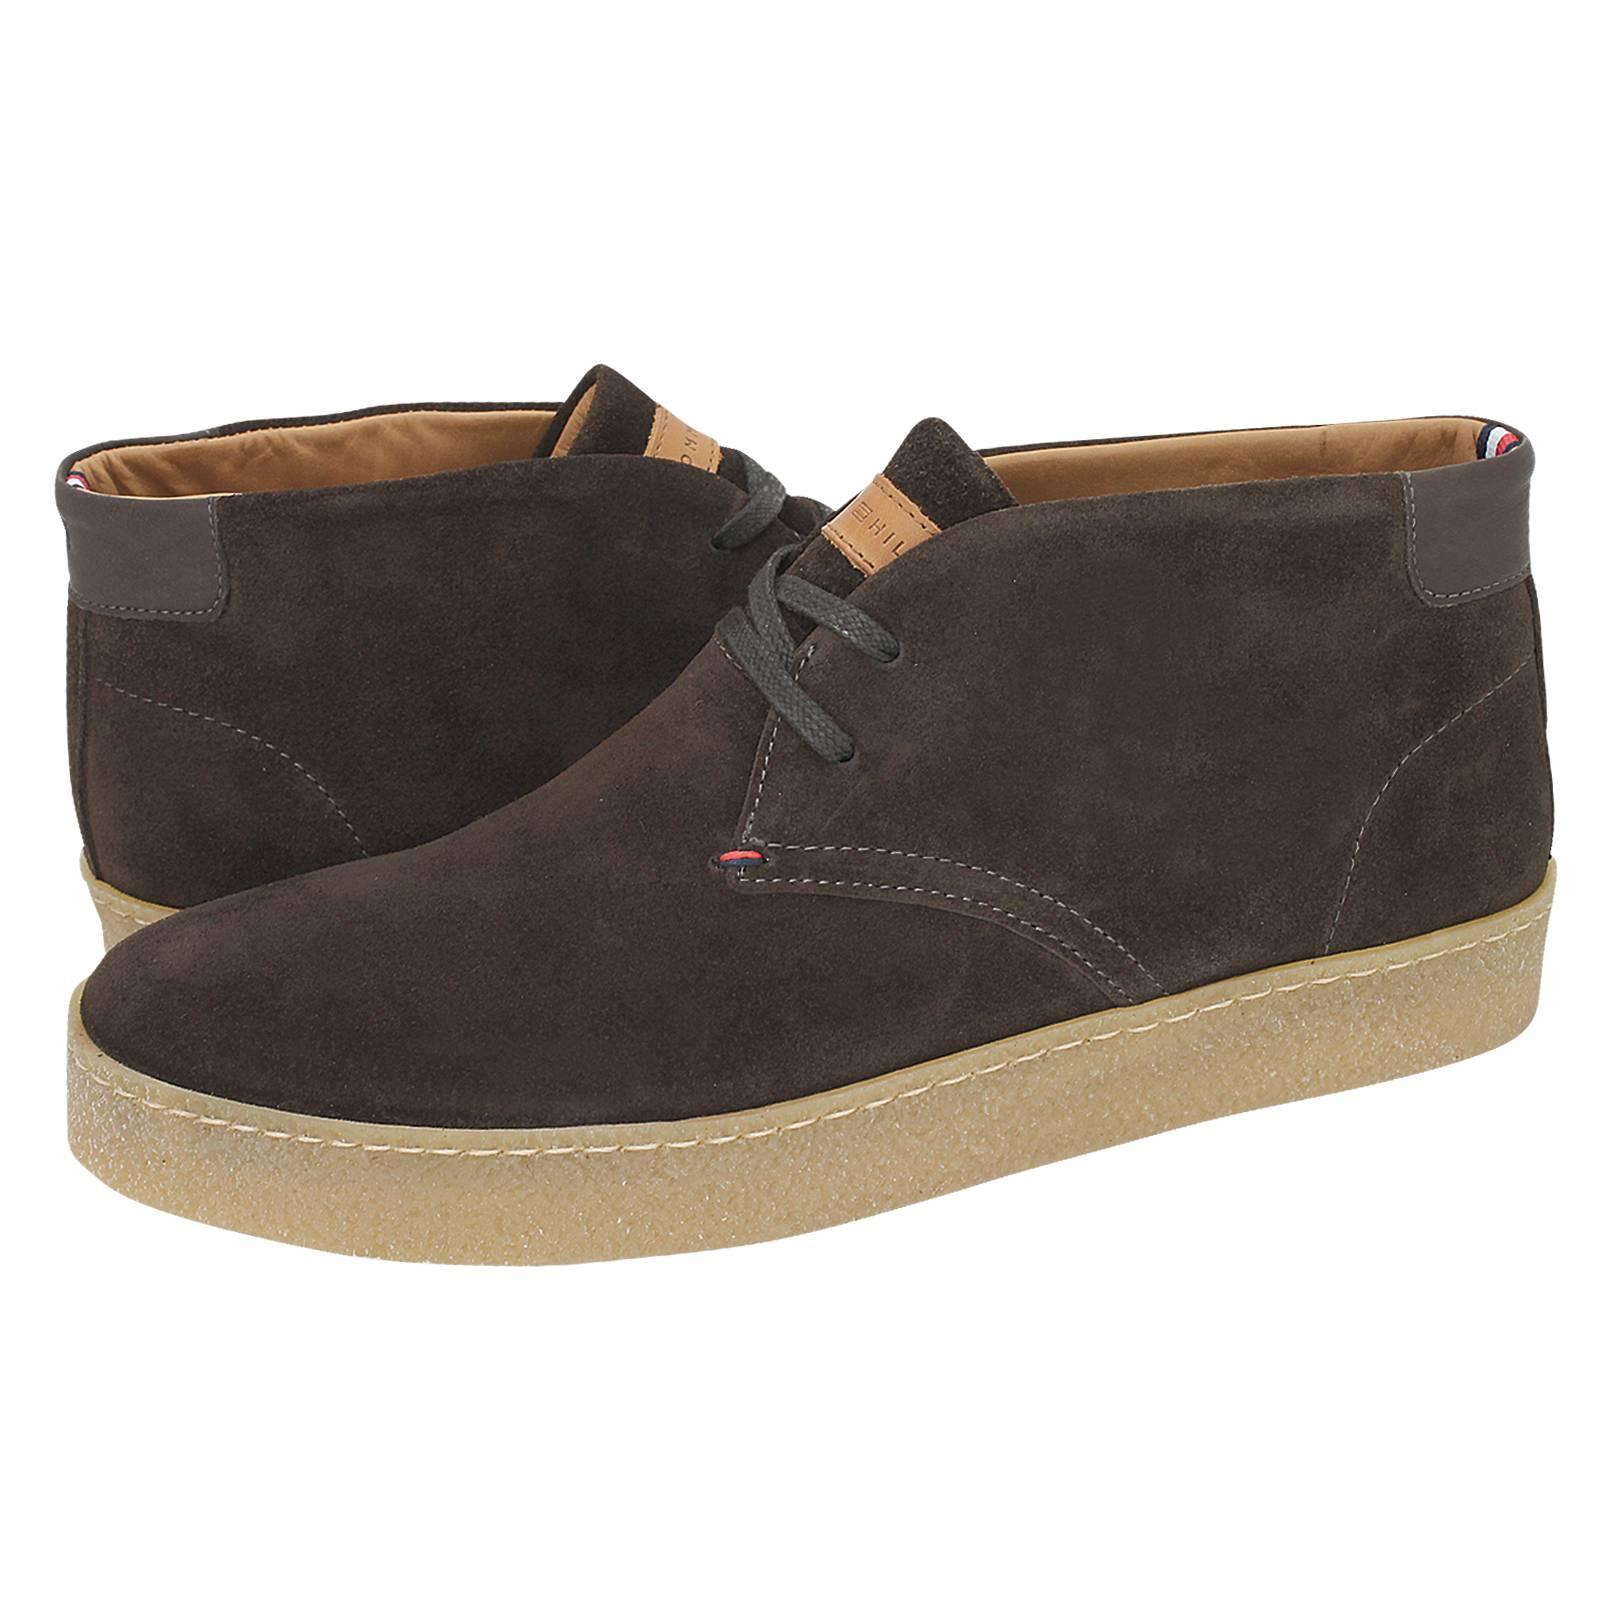 2a10db88b1f Tommy Hilfiger Logan 2B low boots